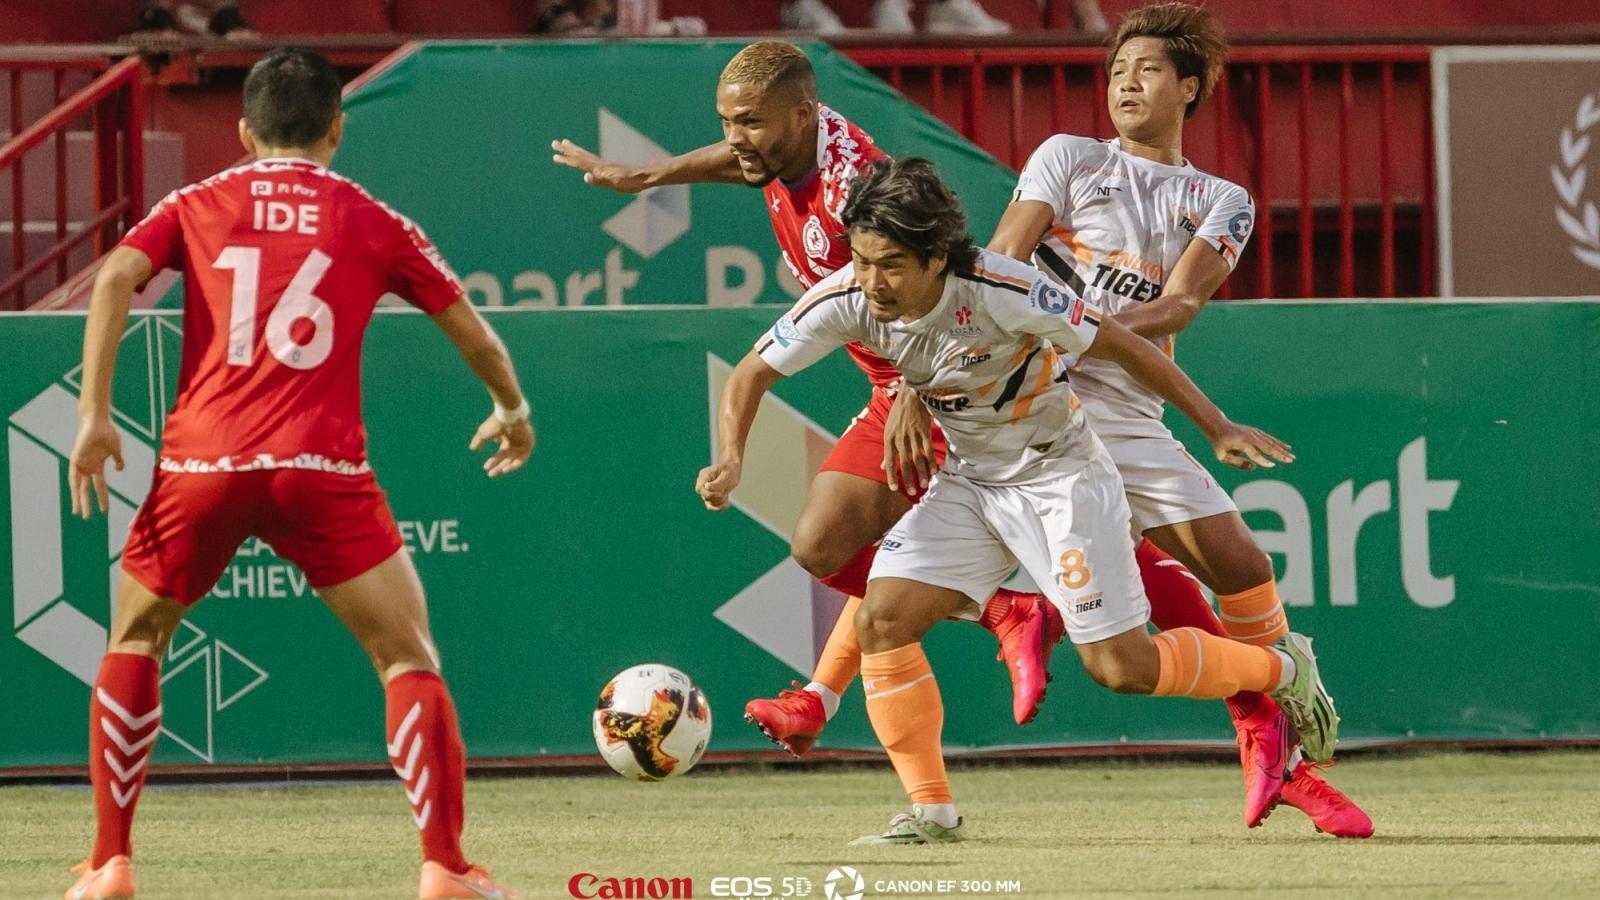 Sau V-League, thêm một giải đấu ở Đông Nam Á chuẩn bị trở lại sau Covid-19